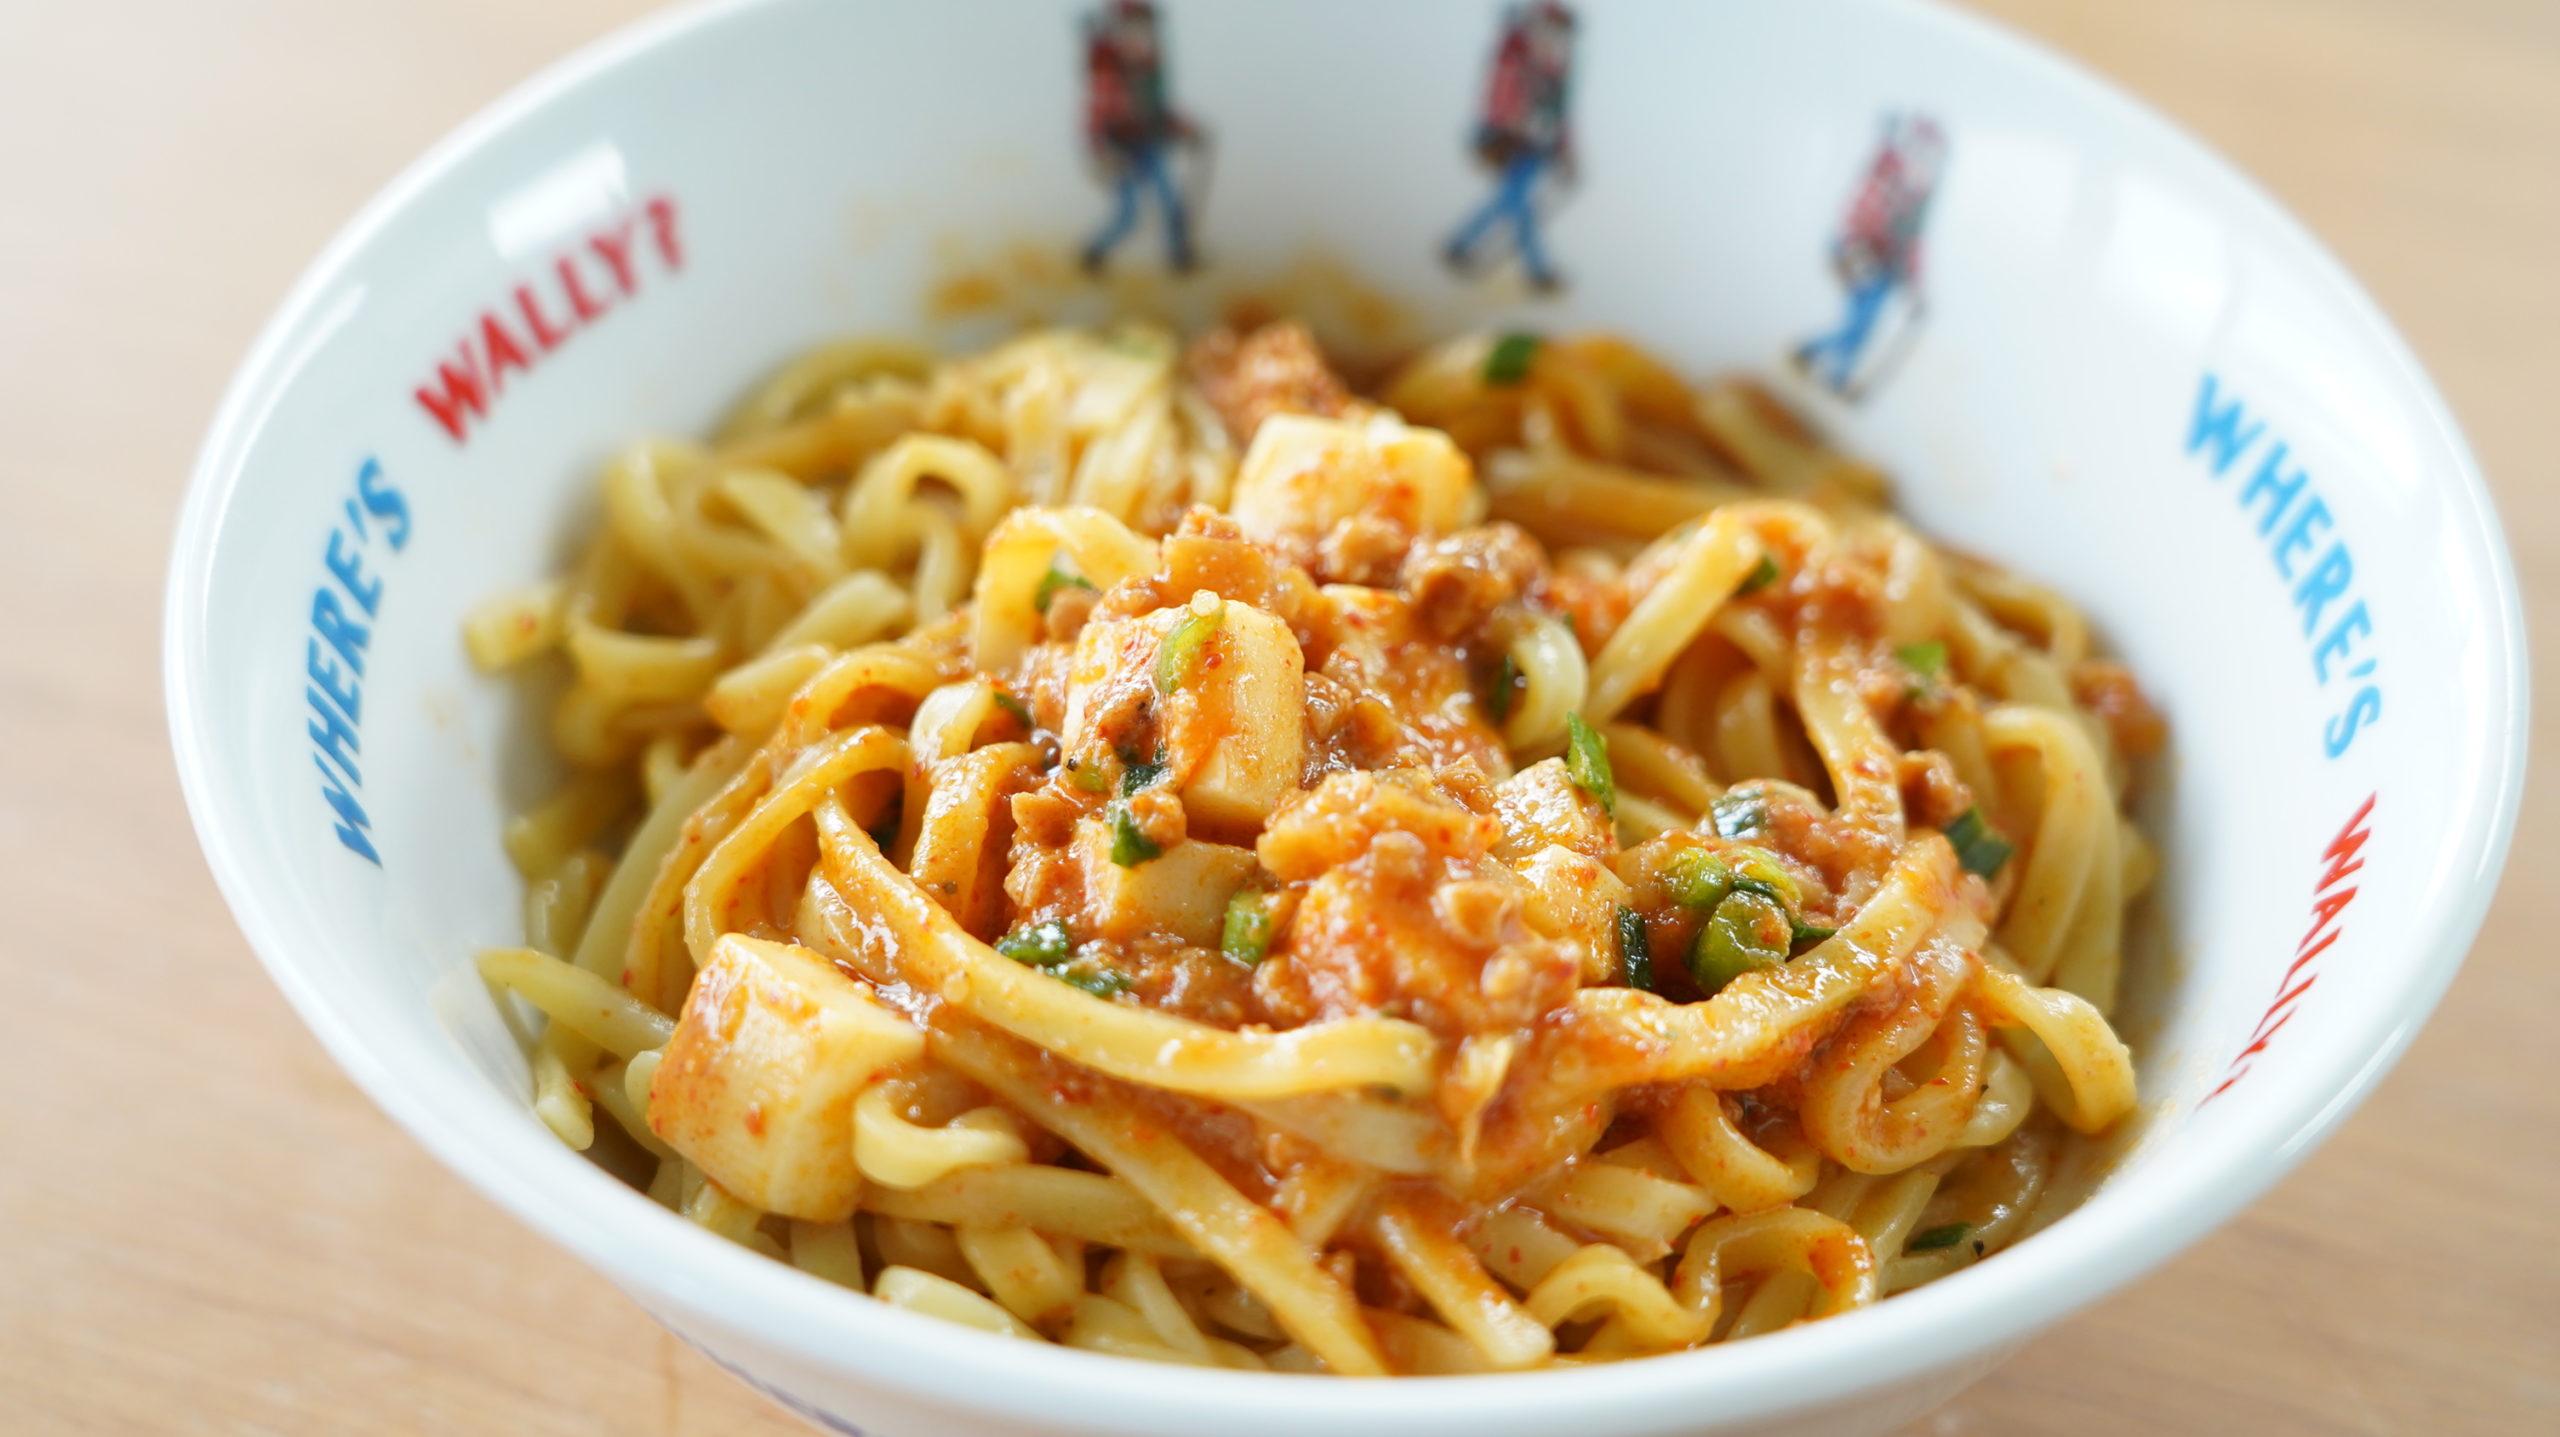 セブンイレブンのおすすめ冷凍食品「蒙古タンメン中本 汁なし麻辛麺」を皿に盛り付けた写真